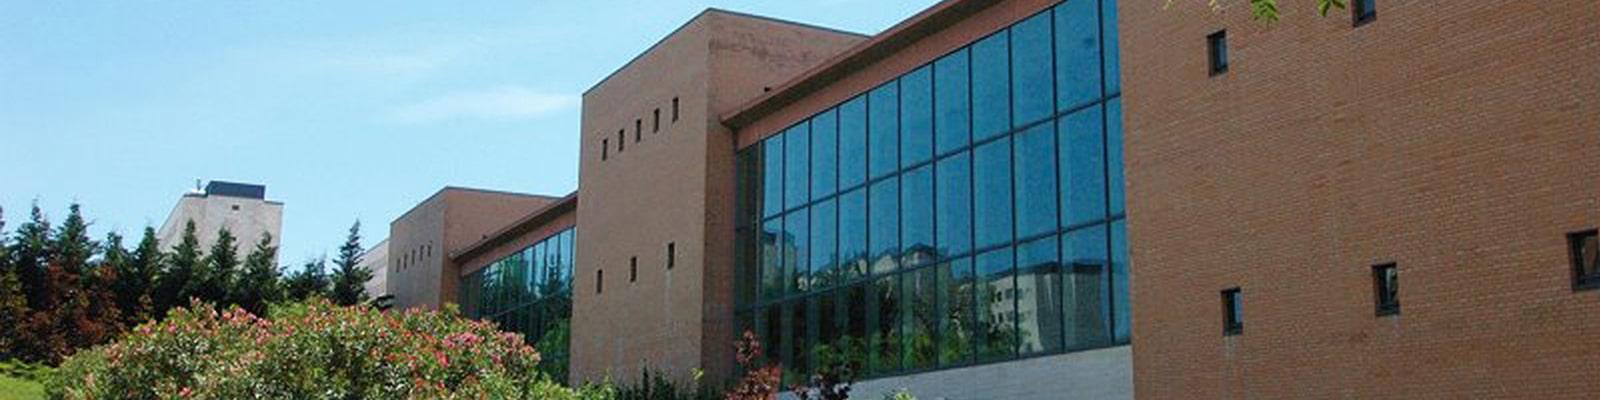 Biblioteca 'Ettore Paratore' - Polo Bibliotecario di Chieti